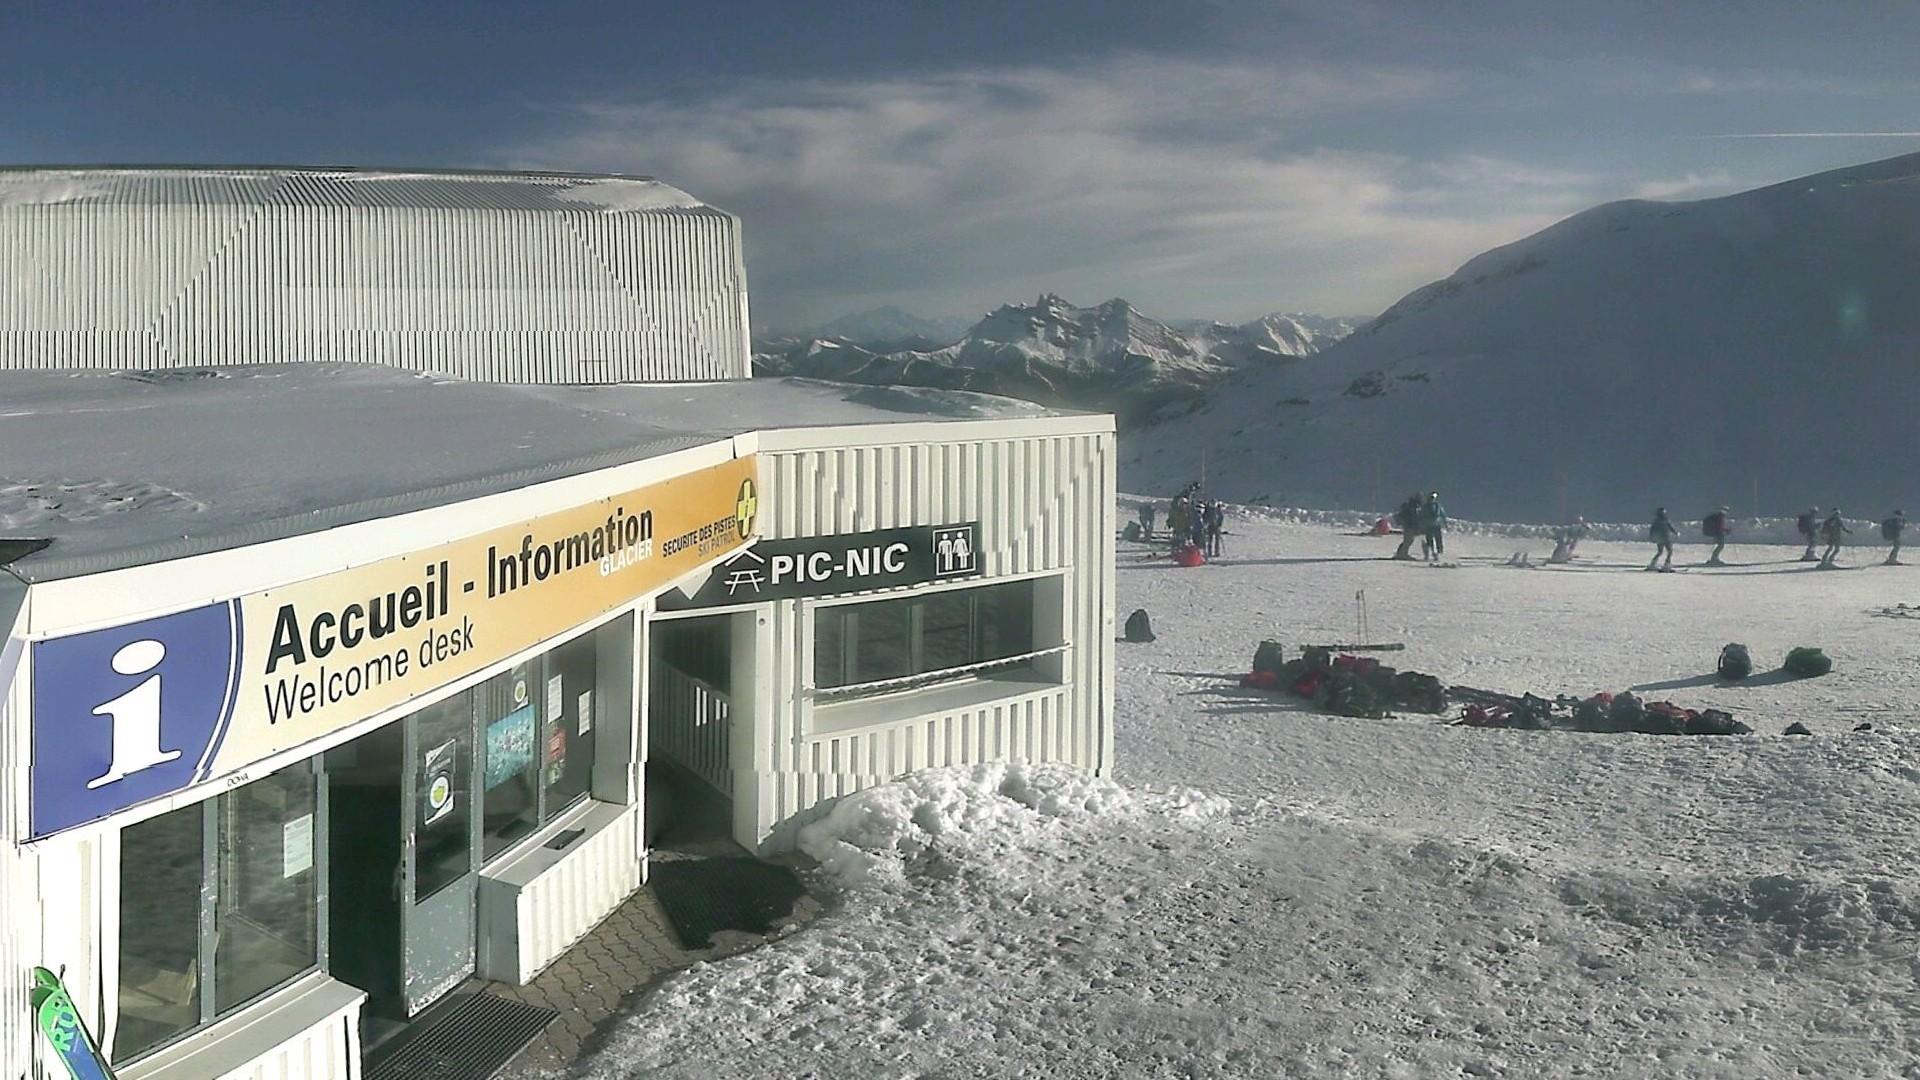 20201019_093400_mega_2alpes_restaurant-les-glaciers_1920x1080